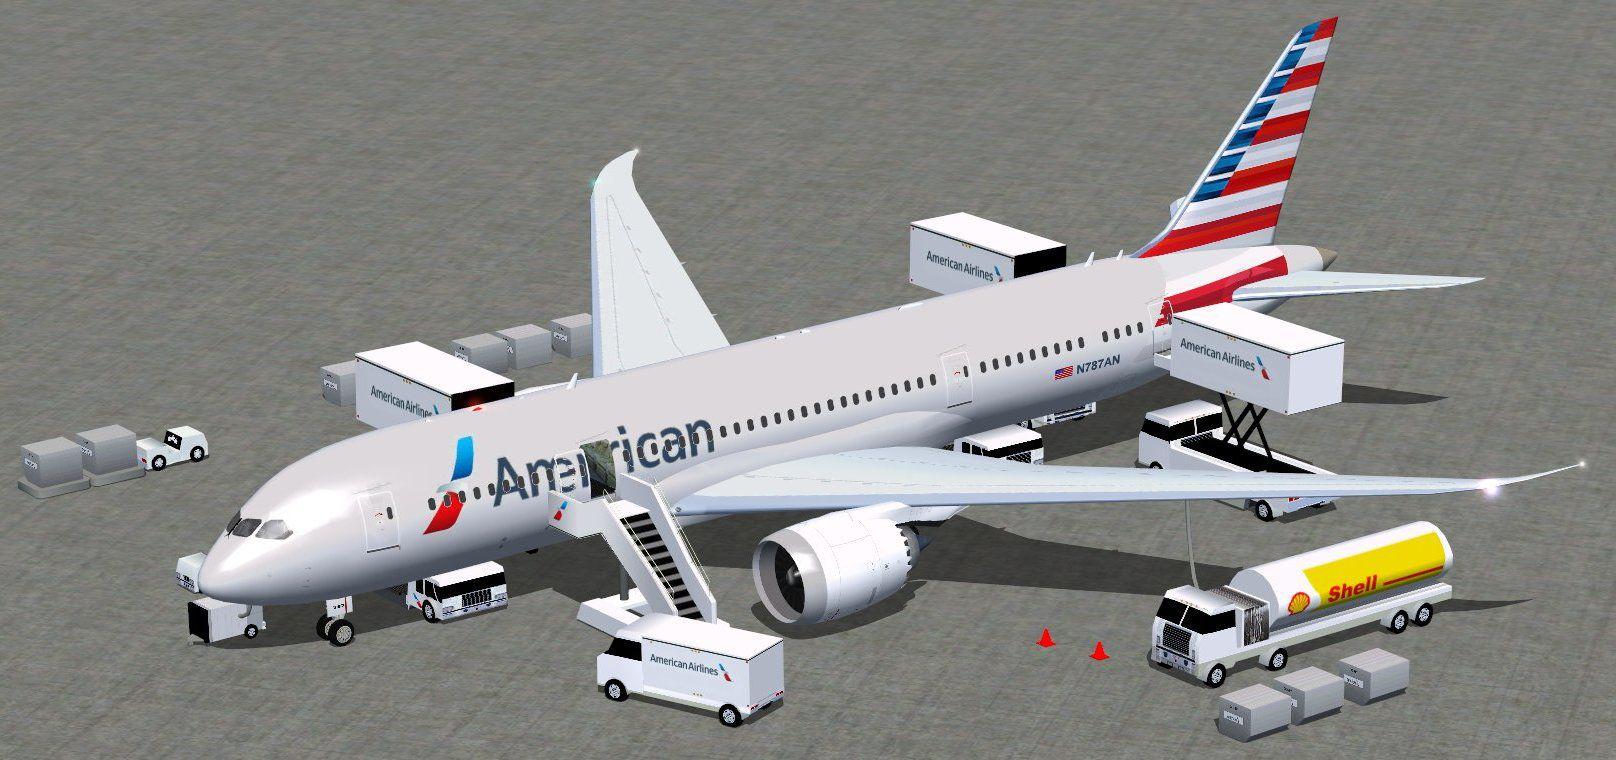 AMERICAN AIRLINES ANUNCIA UN PEDIDO DE $ 12.3 MIL MILLONES PARA AVIONES BOEING